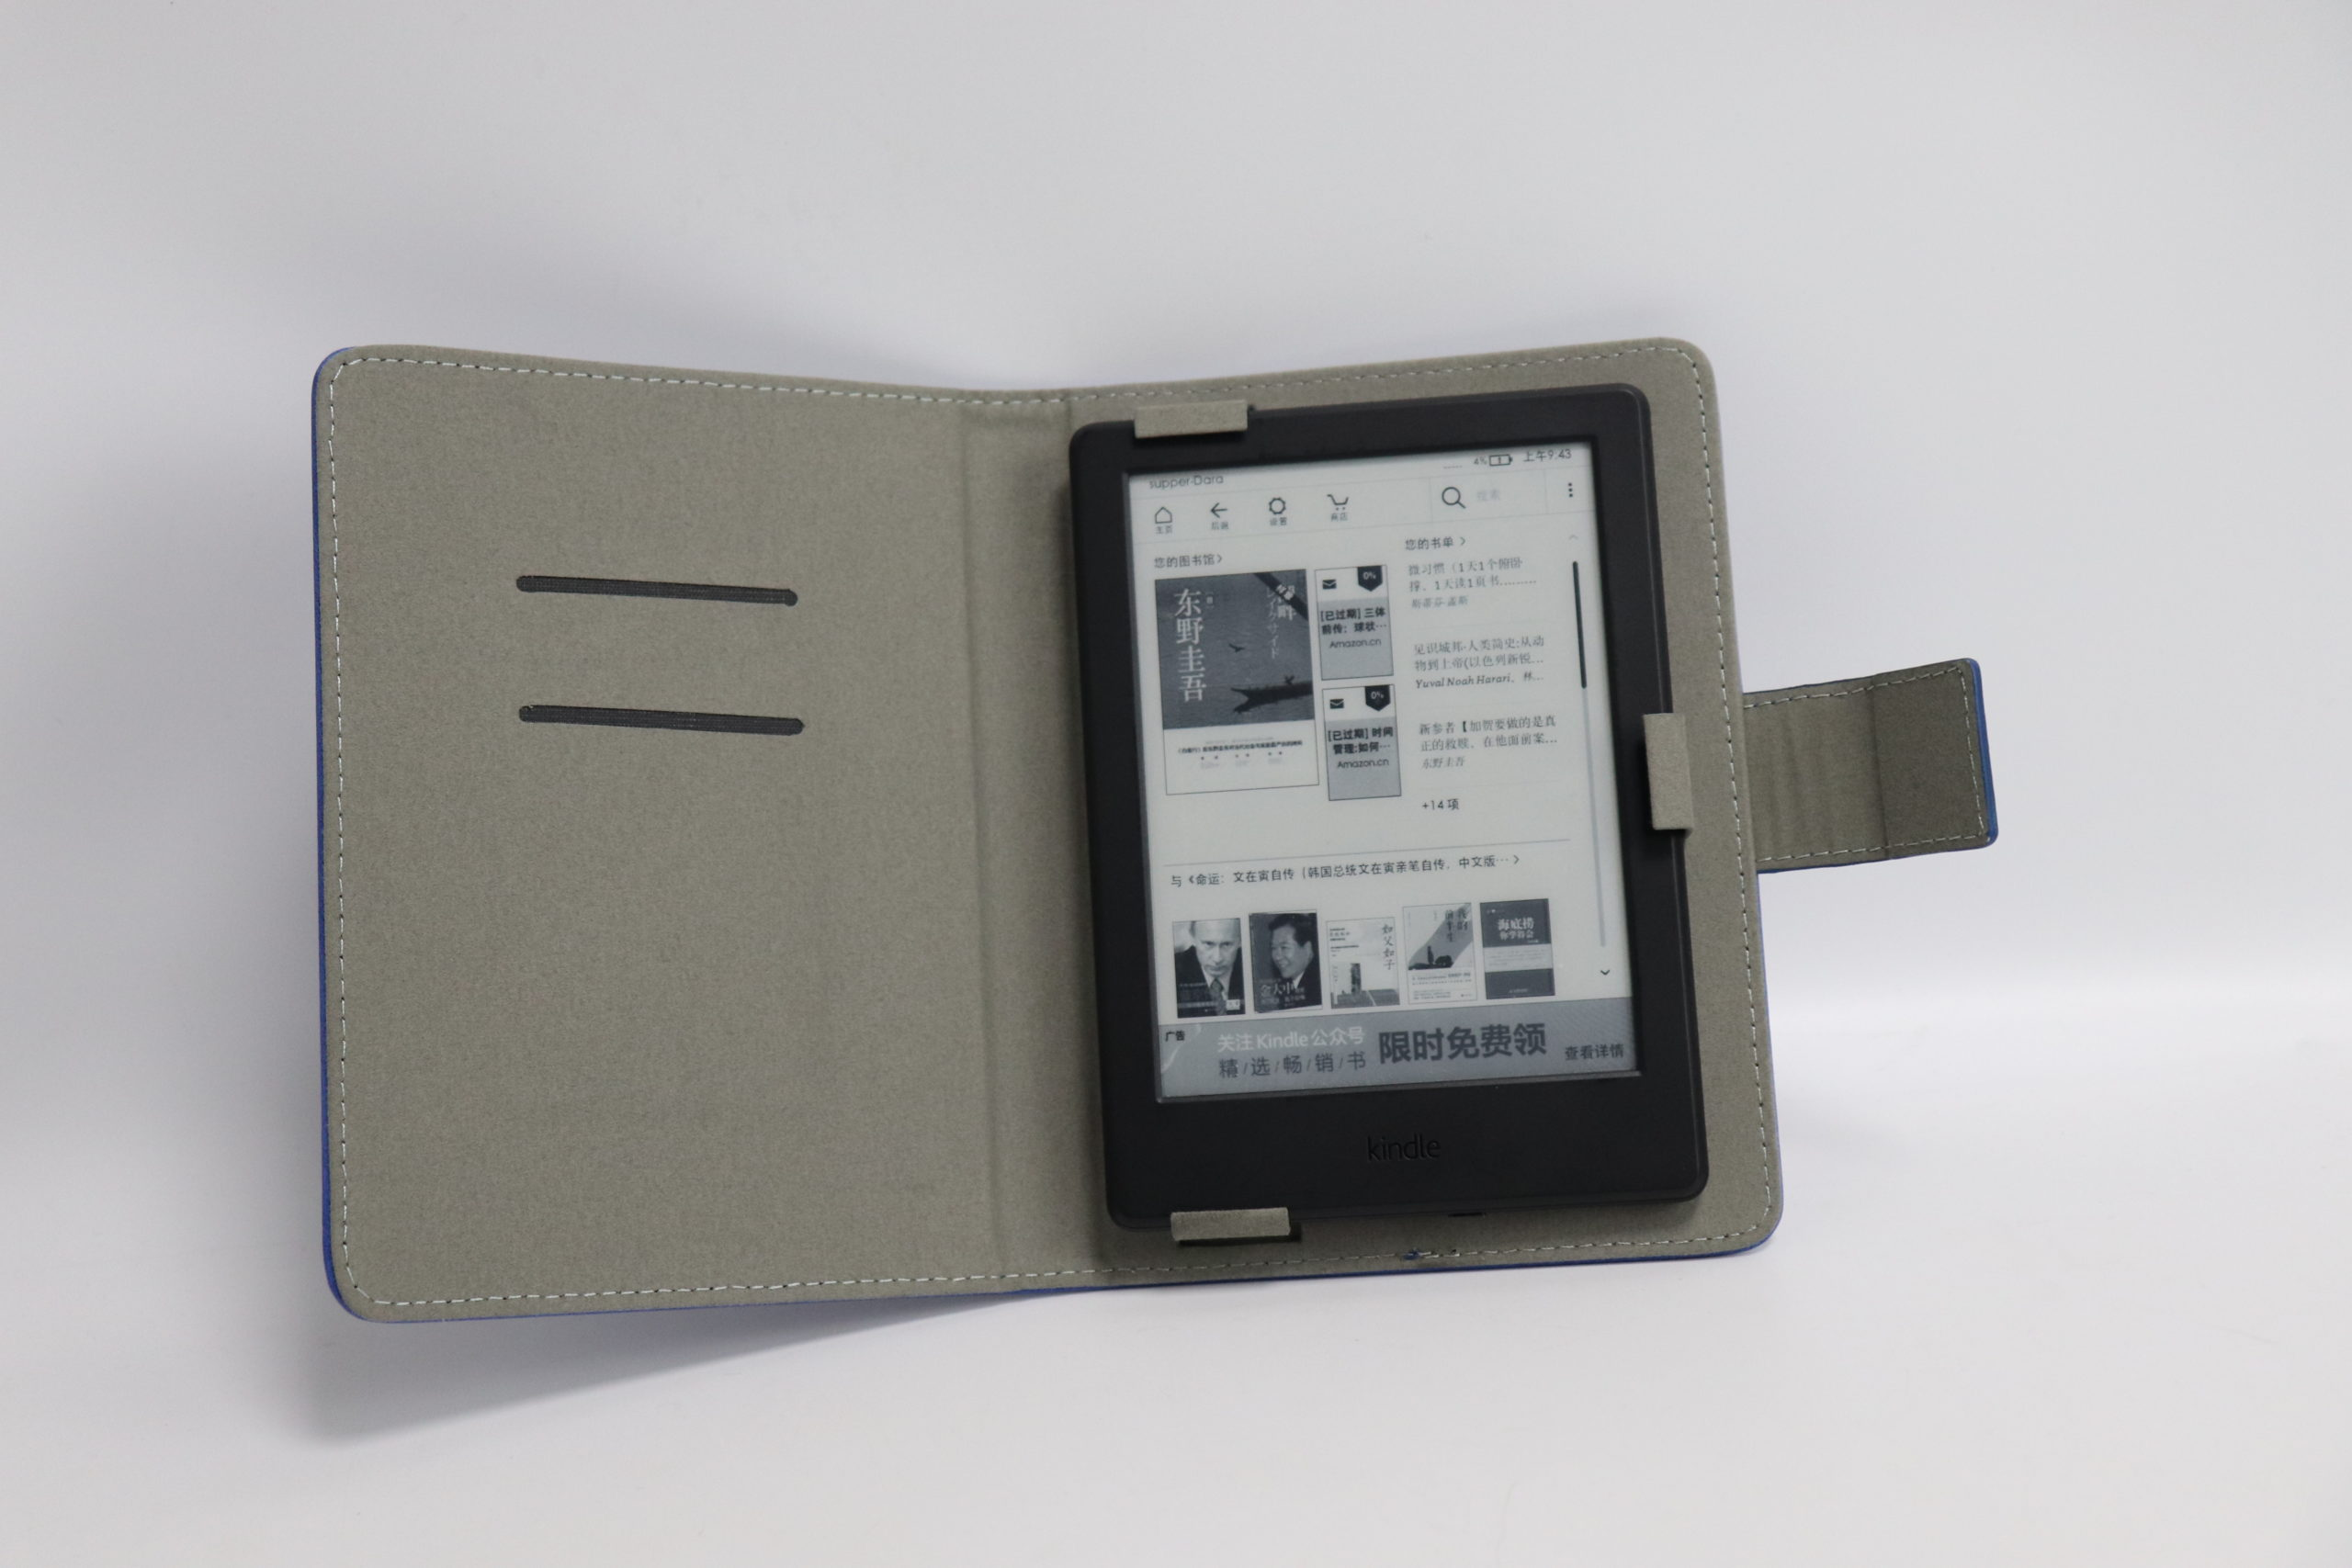 """כיסוי לקורא ספרים אלקטרוניים עם מסך 6"""" BOOX ישראל"""